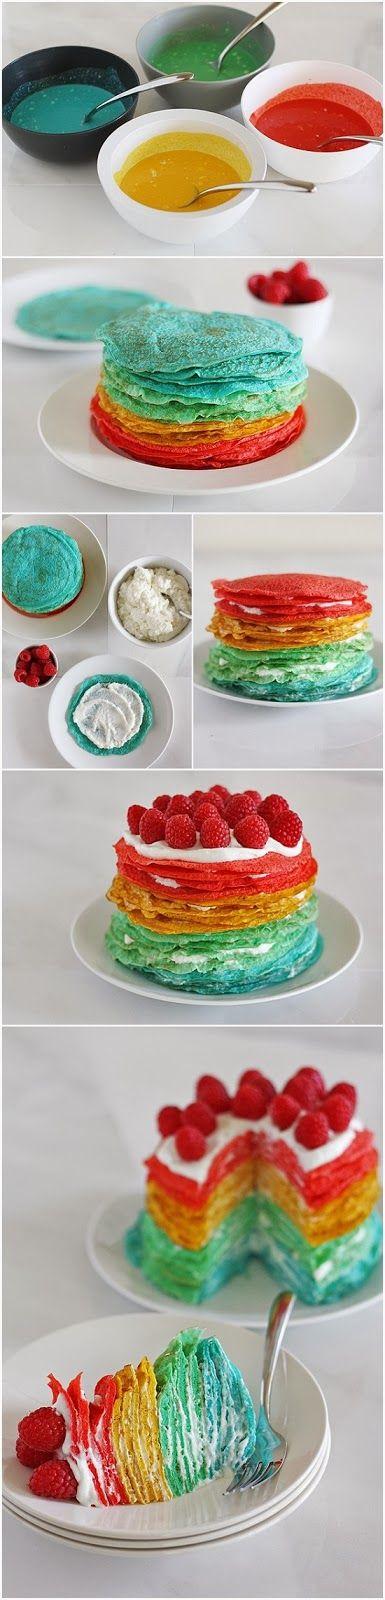 Rainbow crepe cake Si tienes problemas de sobrepeso, visita también www.bajadepesoya.areb2u.com